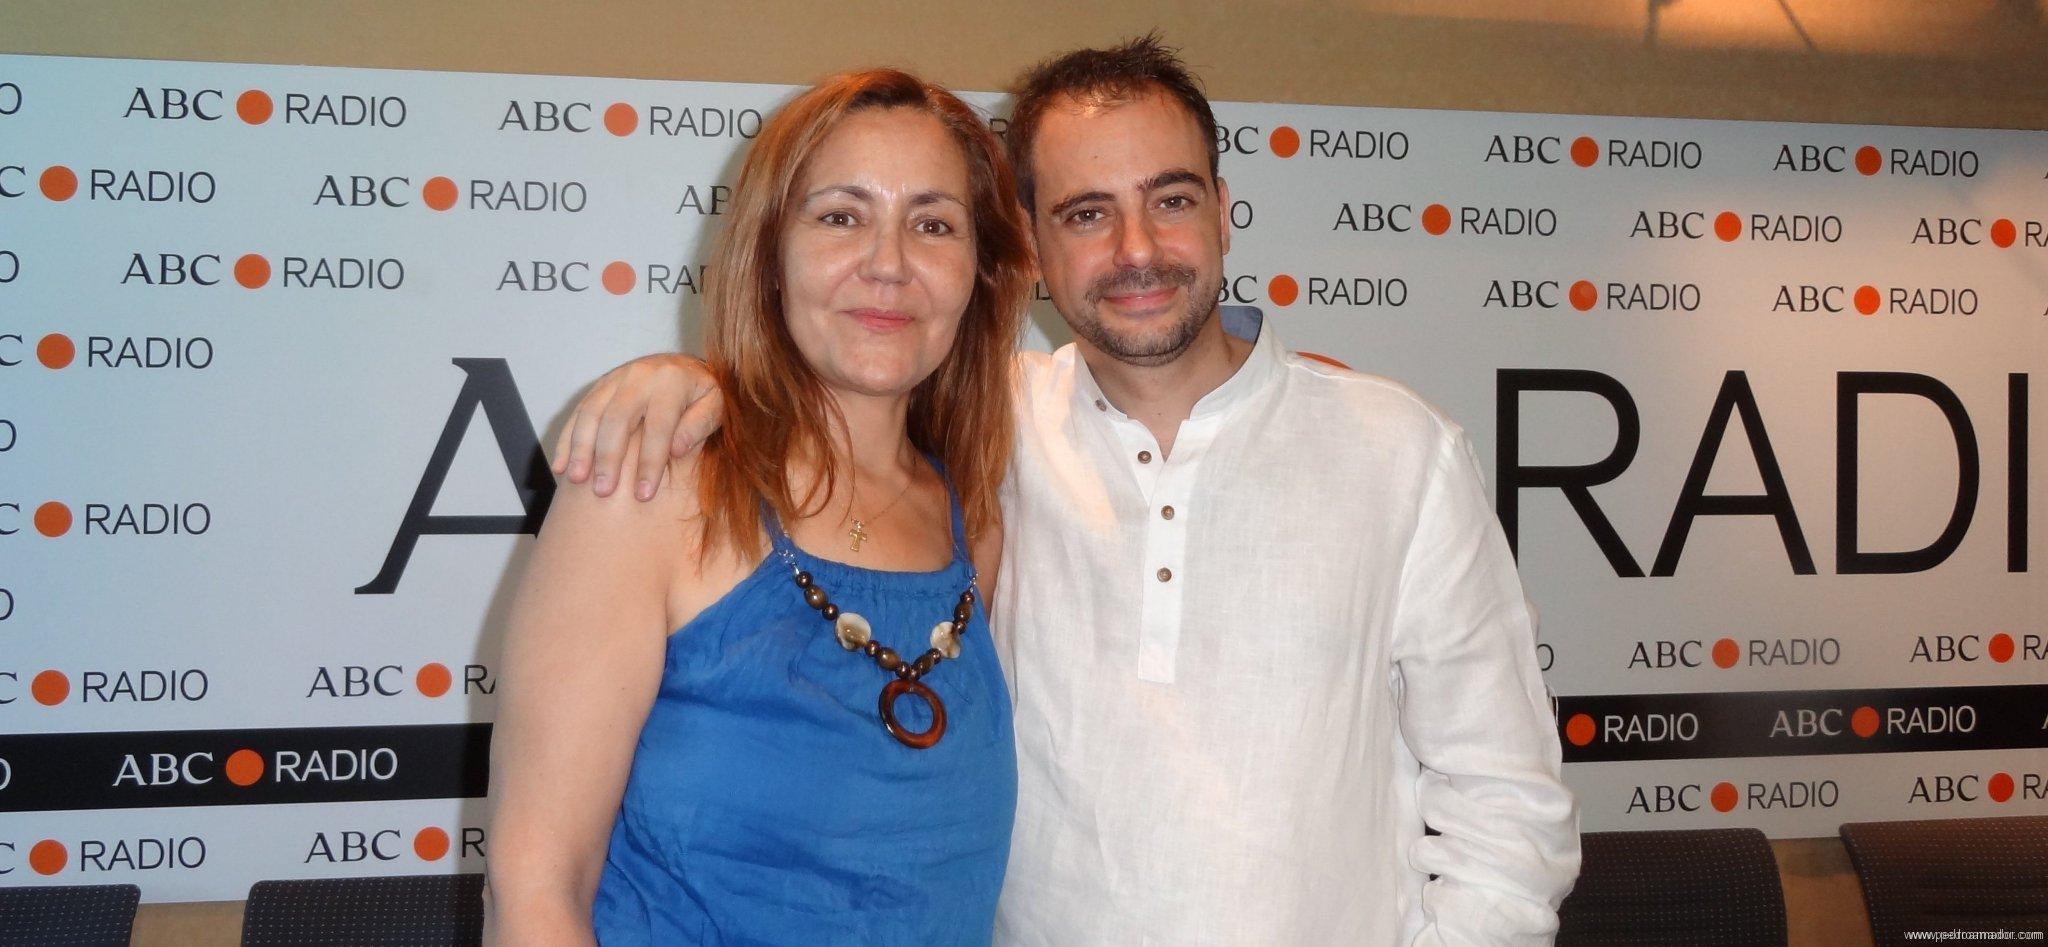 Entrevista en ABC Punto Radio de Esther Pedraza - ¡A ser felices!